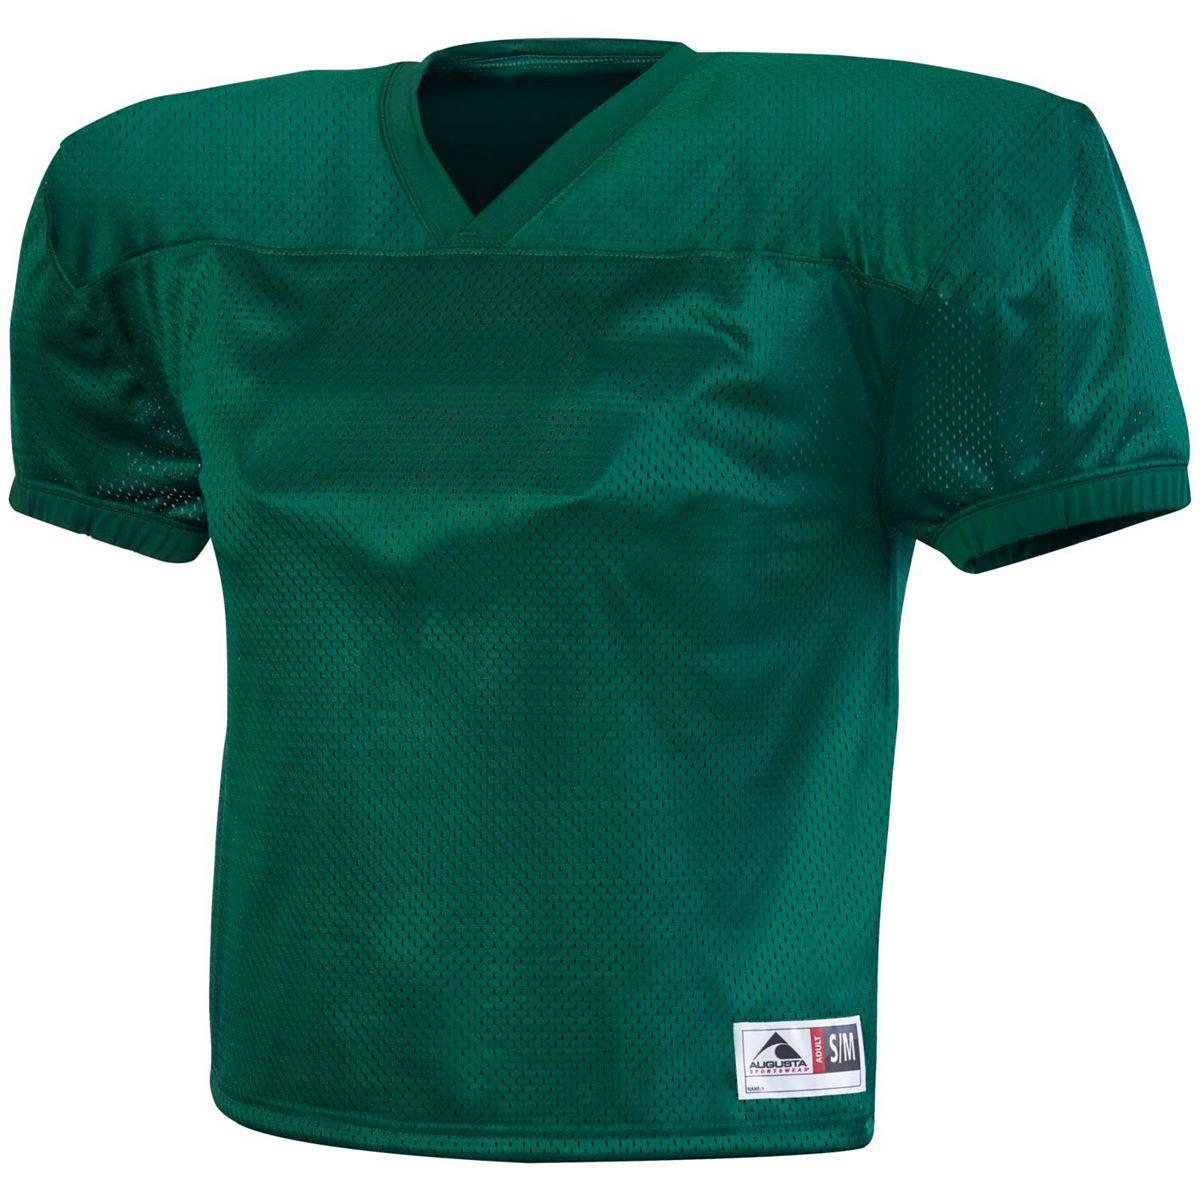 Dash 9505 Sportswear Augusta Practice Jersey 7b6yfg